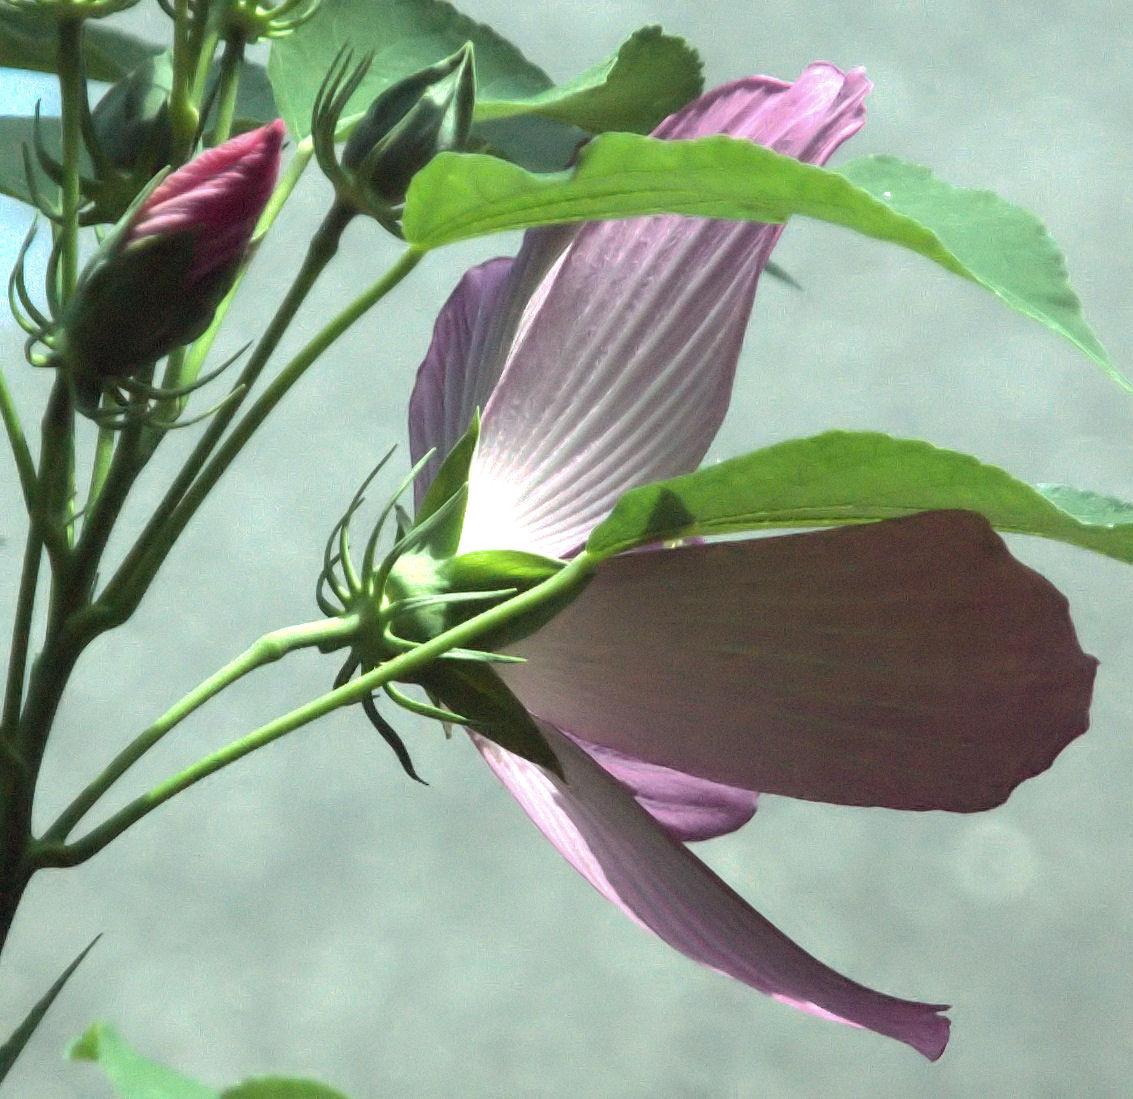 [Image: 36_flower2.jpg]